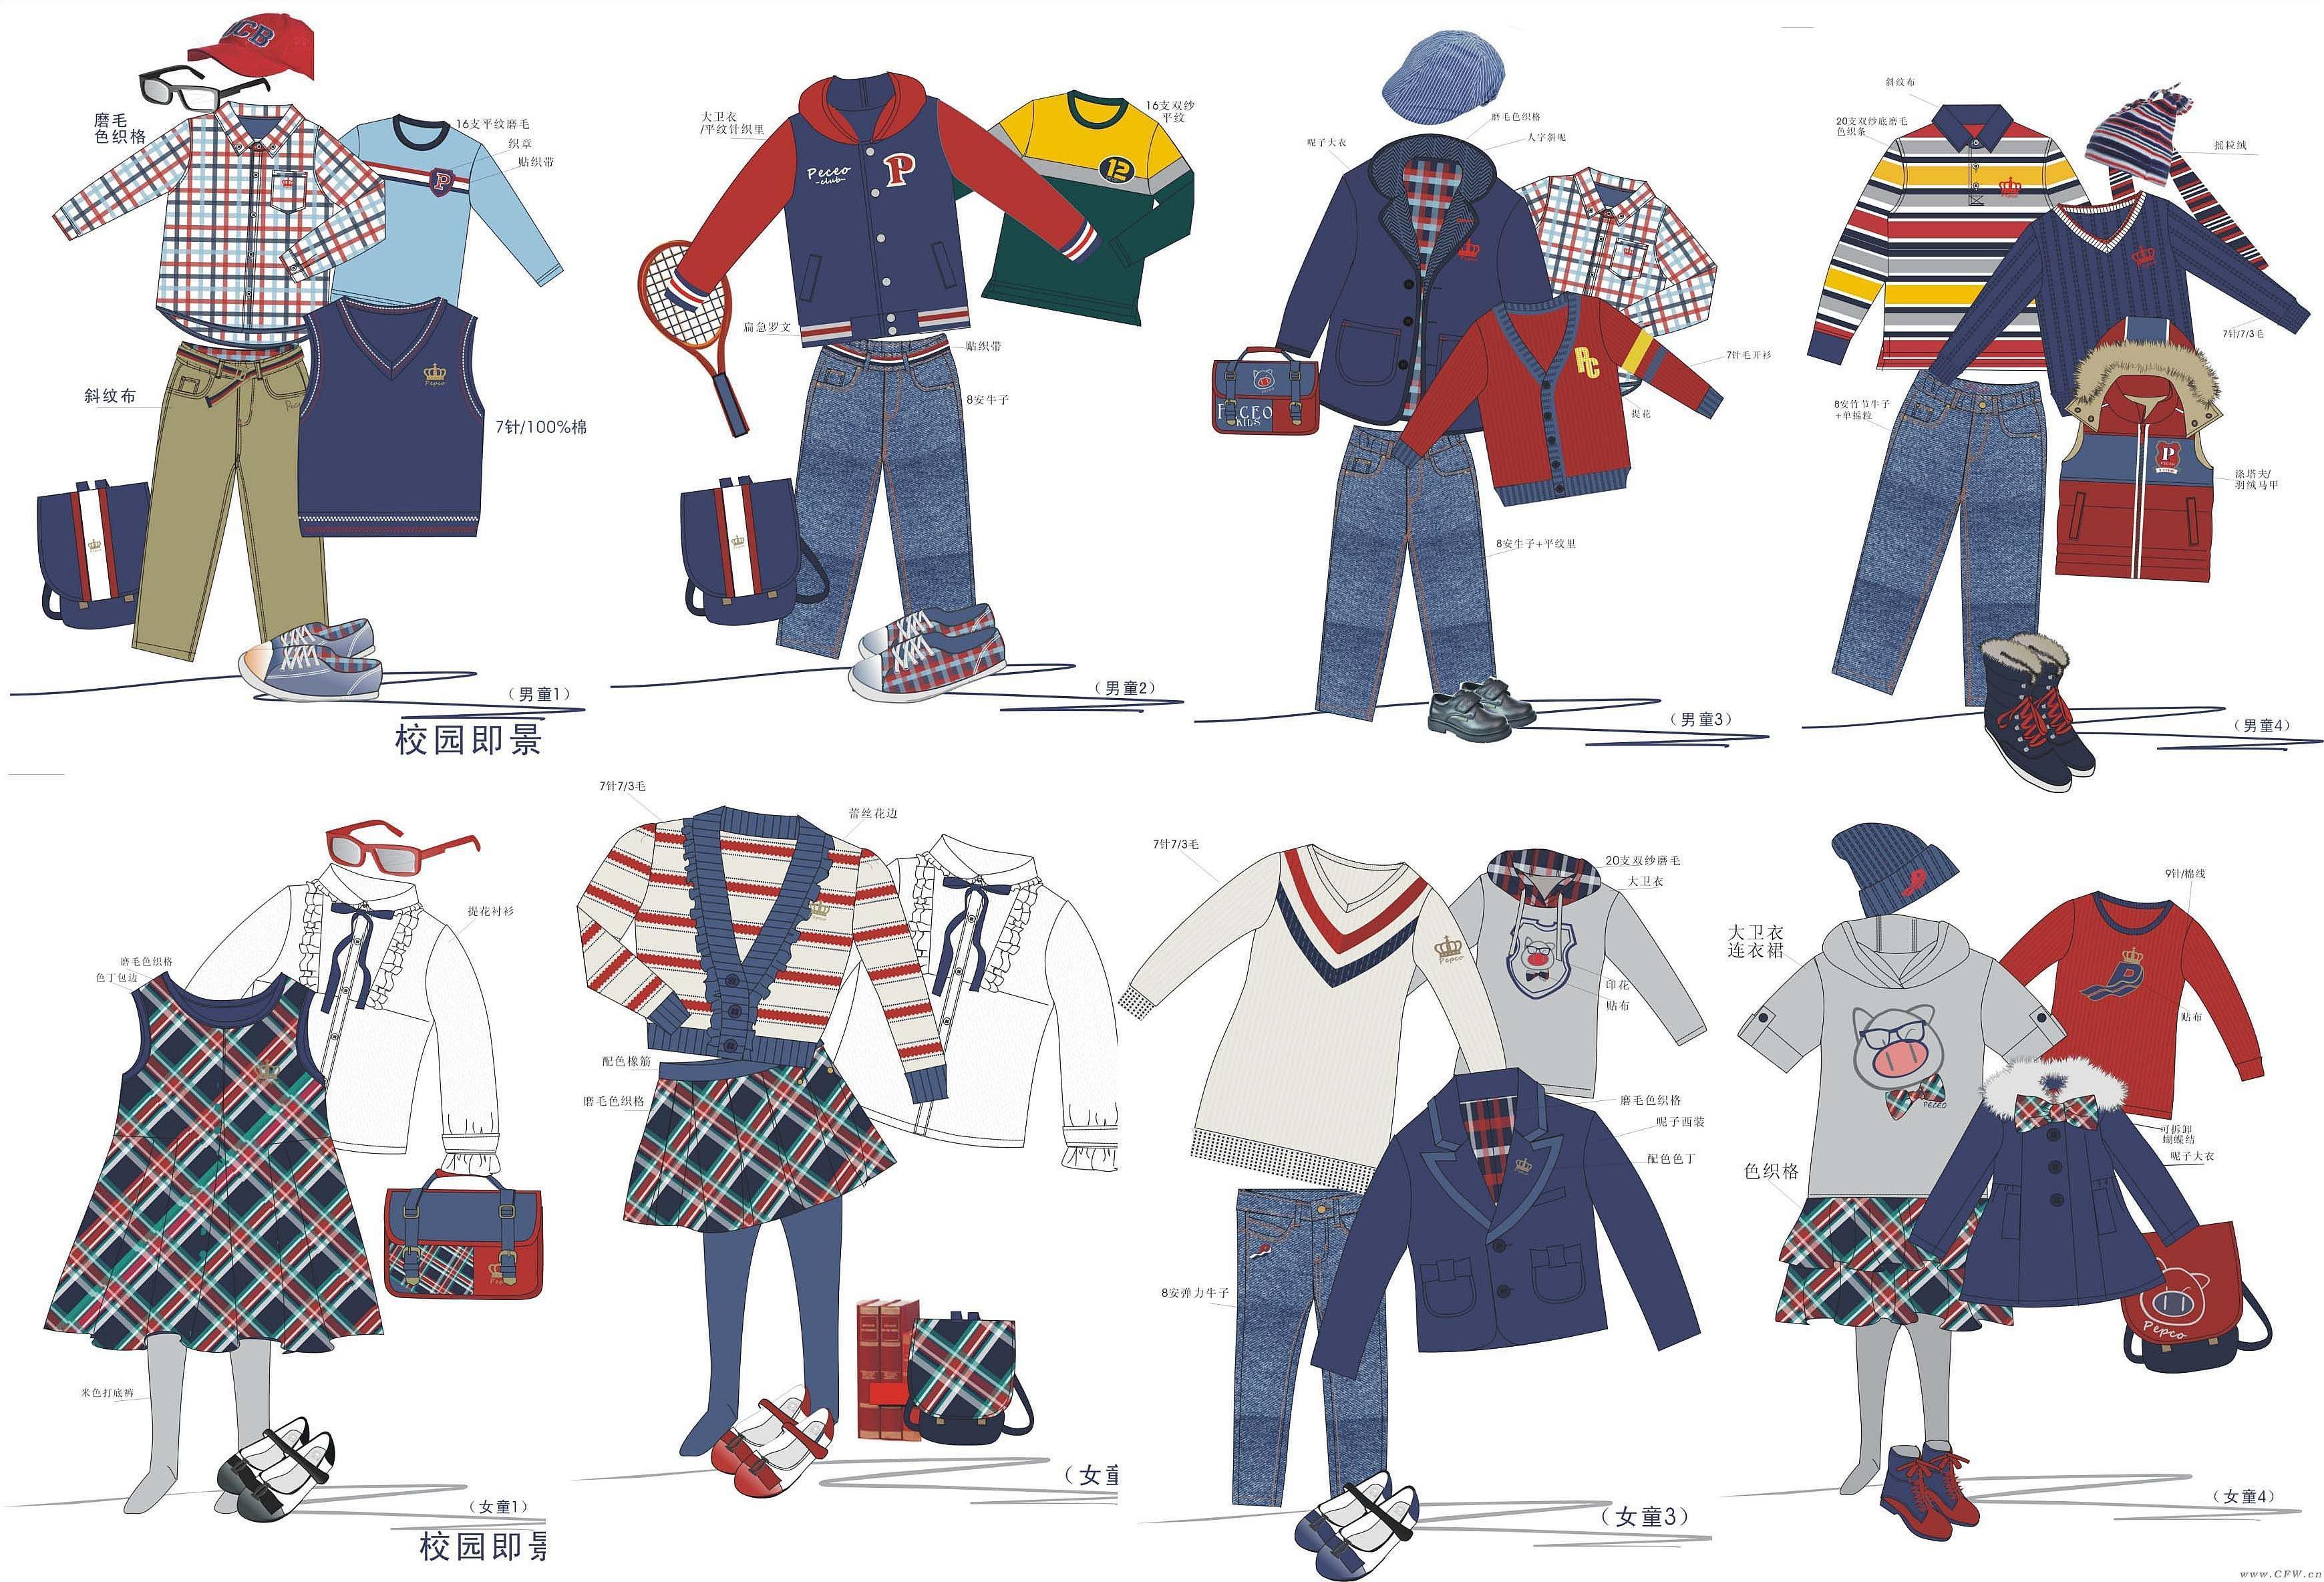 校园系列(校服设计图)班服设计-童装设计-服装设计